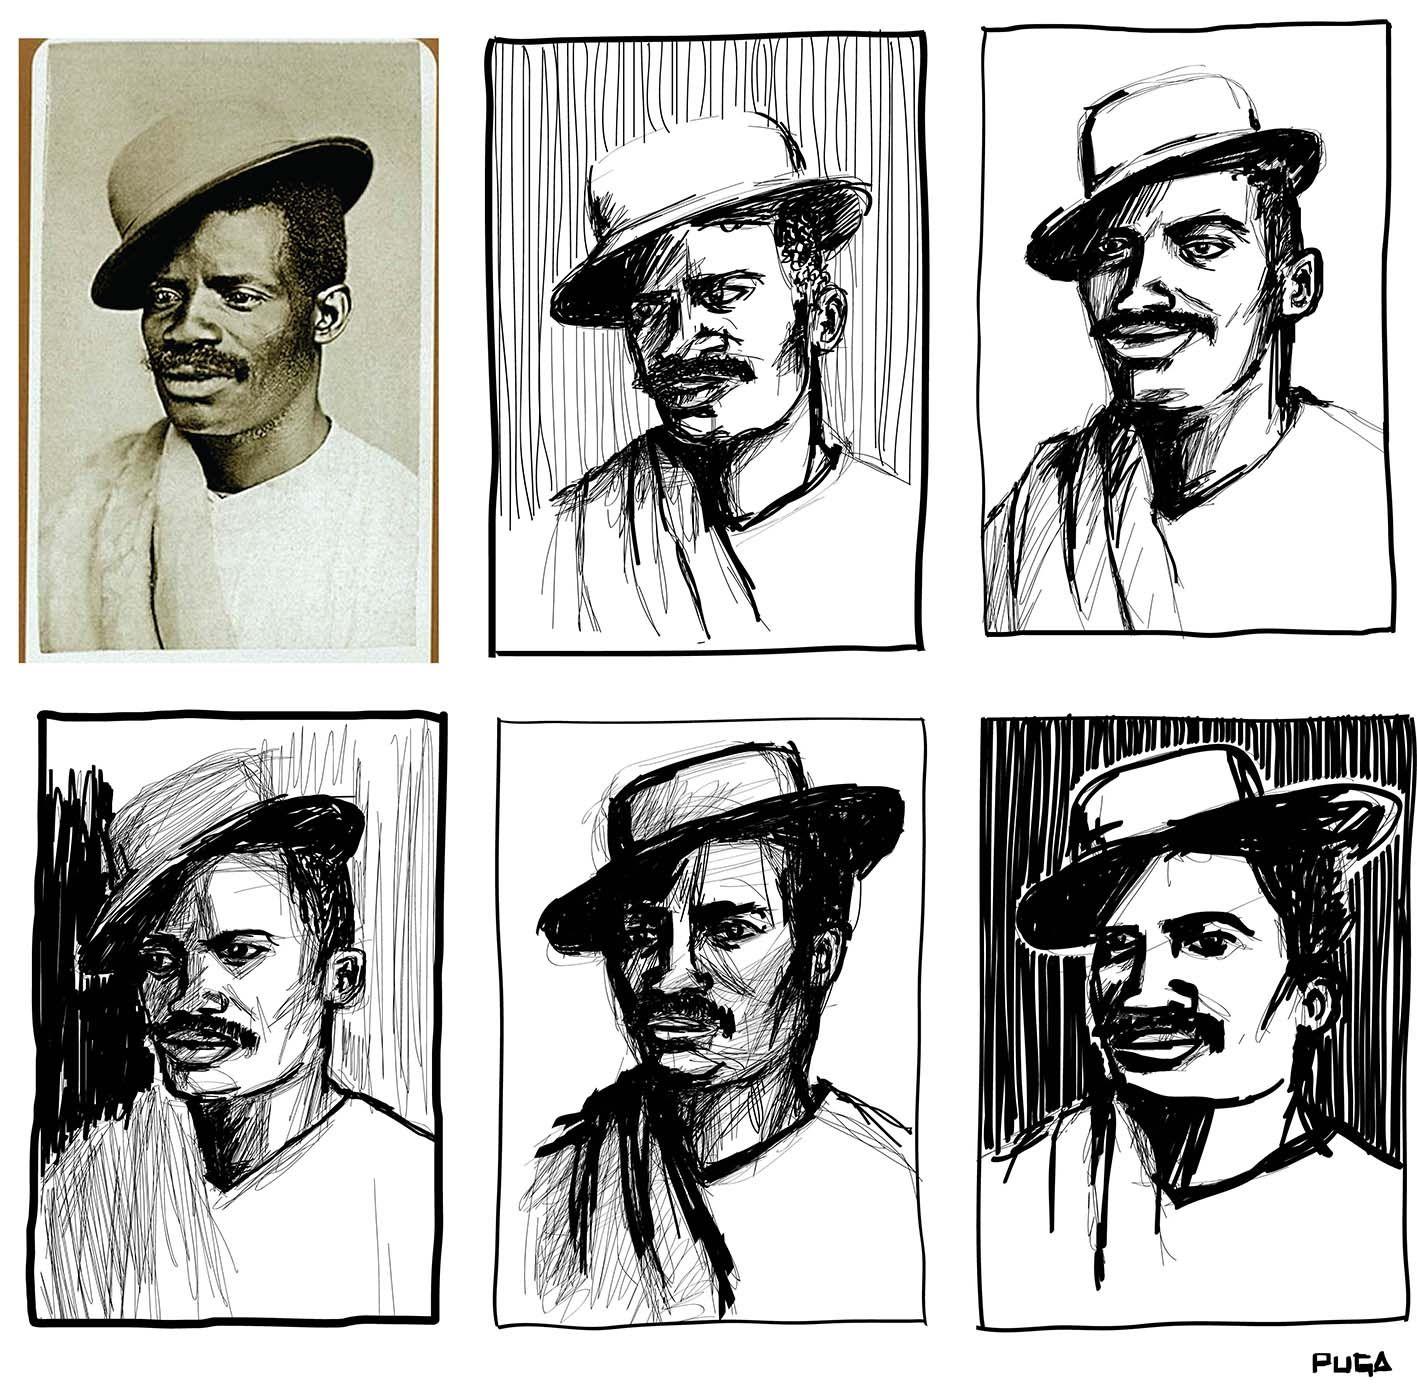 O artista Puga Menezes realizou uma série de ilustrações para homenagear o Mês da Consciência Negra. Ele vetorizou fotos do século XIX de Alberto Henschel.